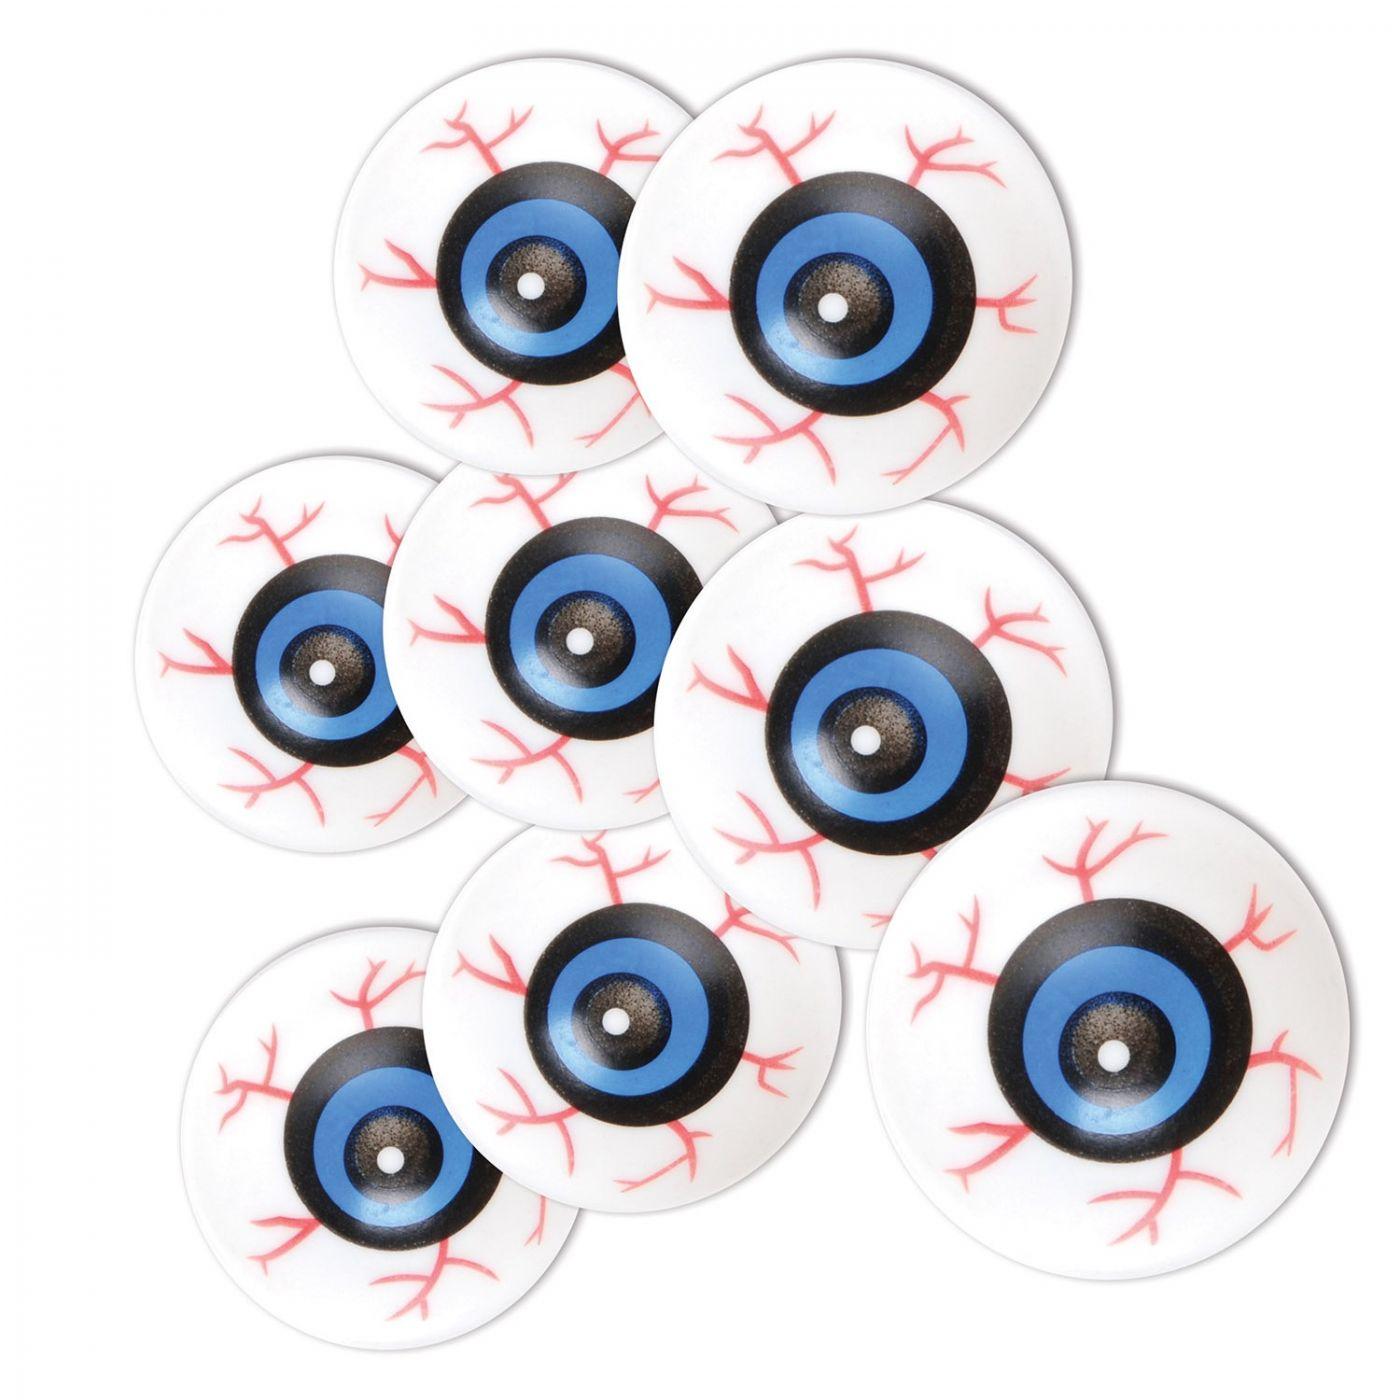 Eyeballs image